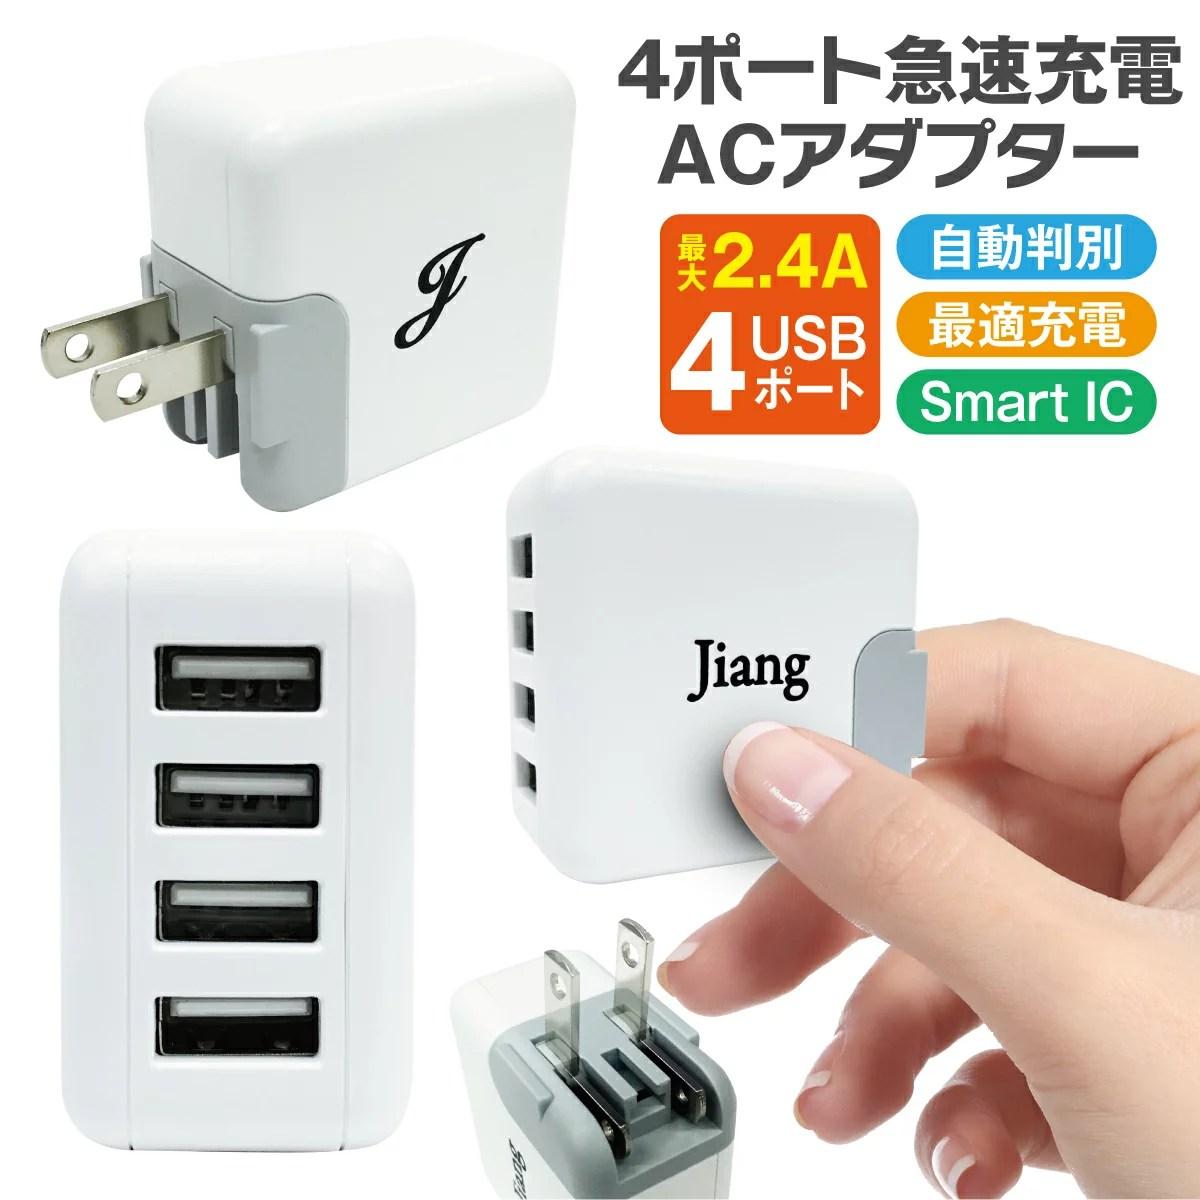 ACアダプタ 4ポート USB 充電器 チャージャー PSE認証 USB充電器 4.8A 4口 コンセント 電源タップ 軽量 同...